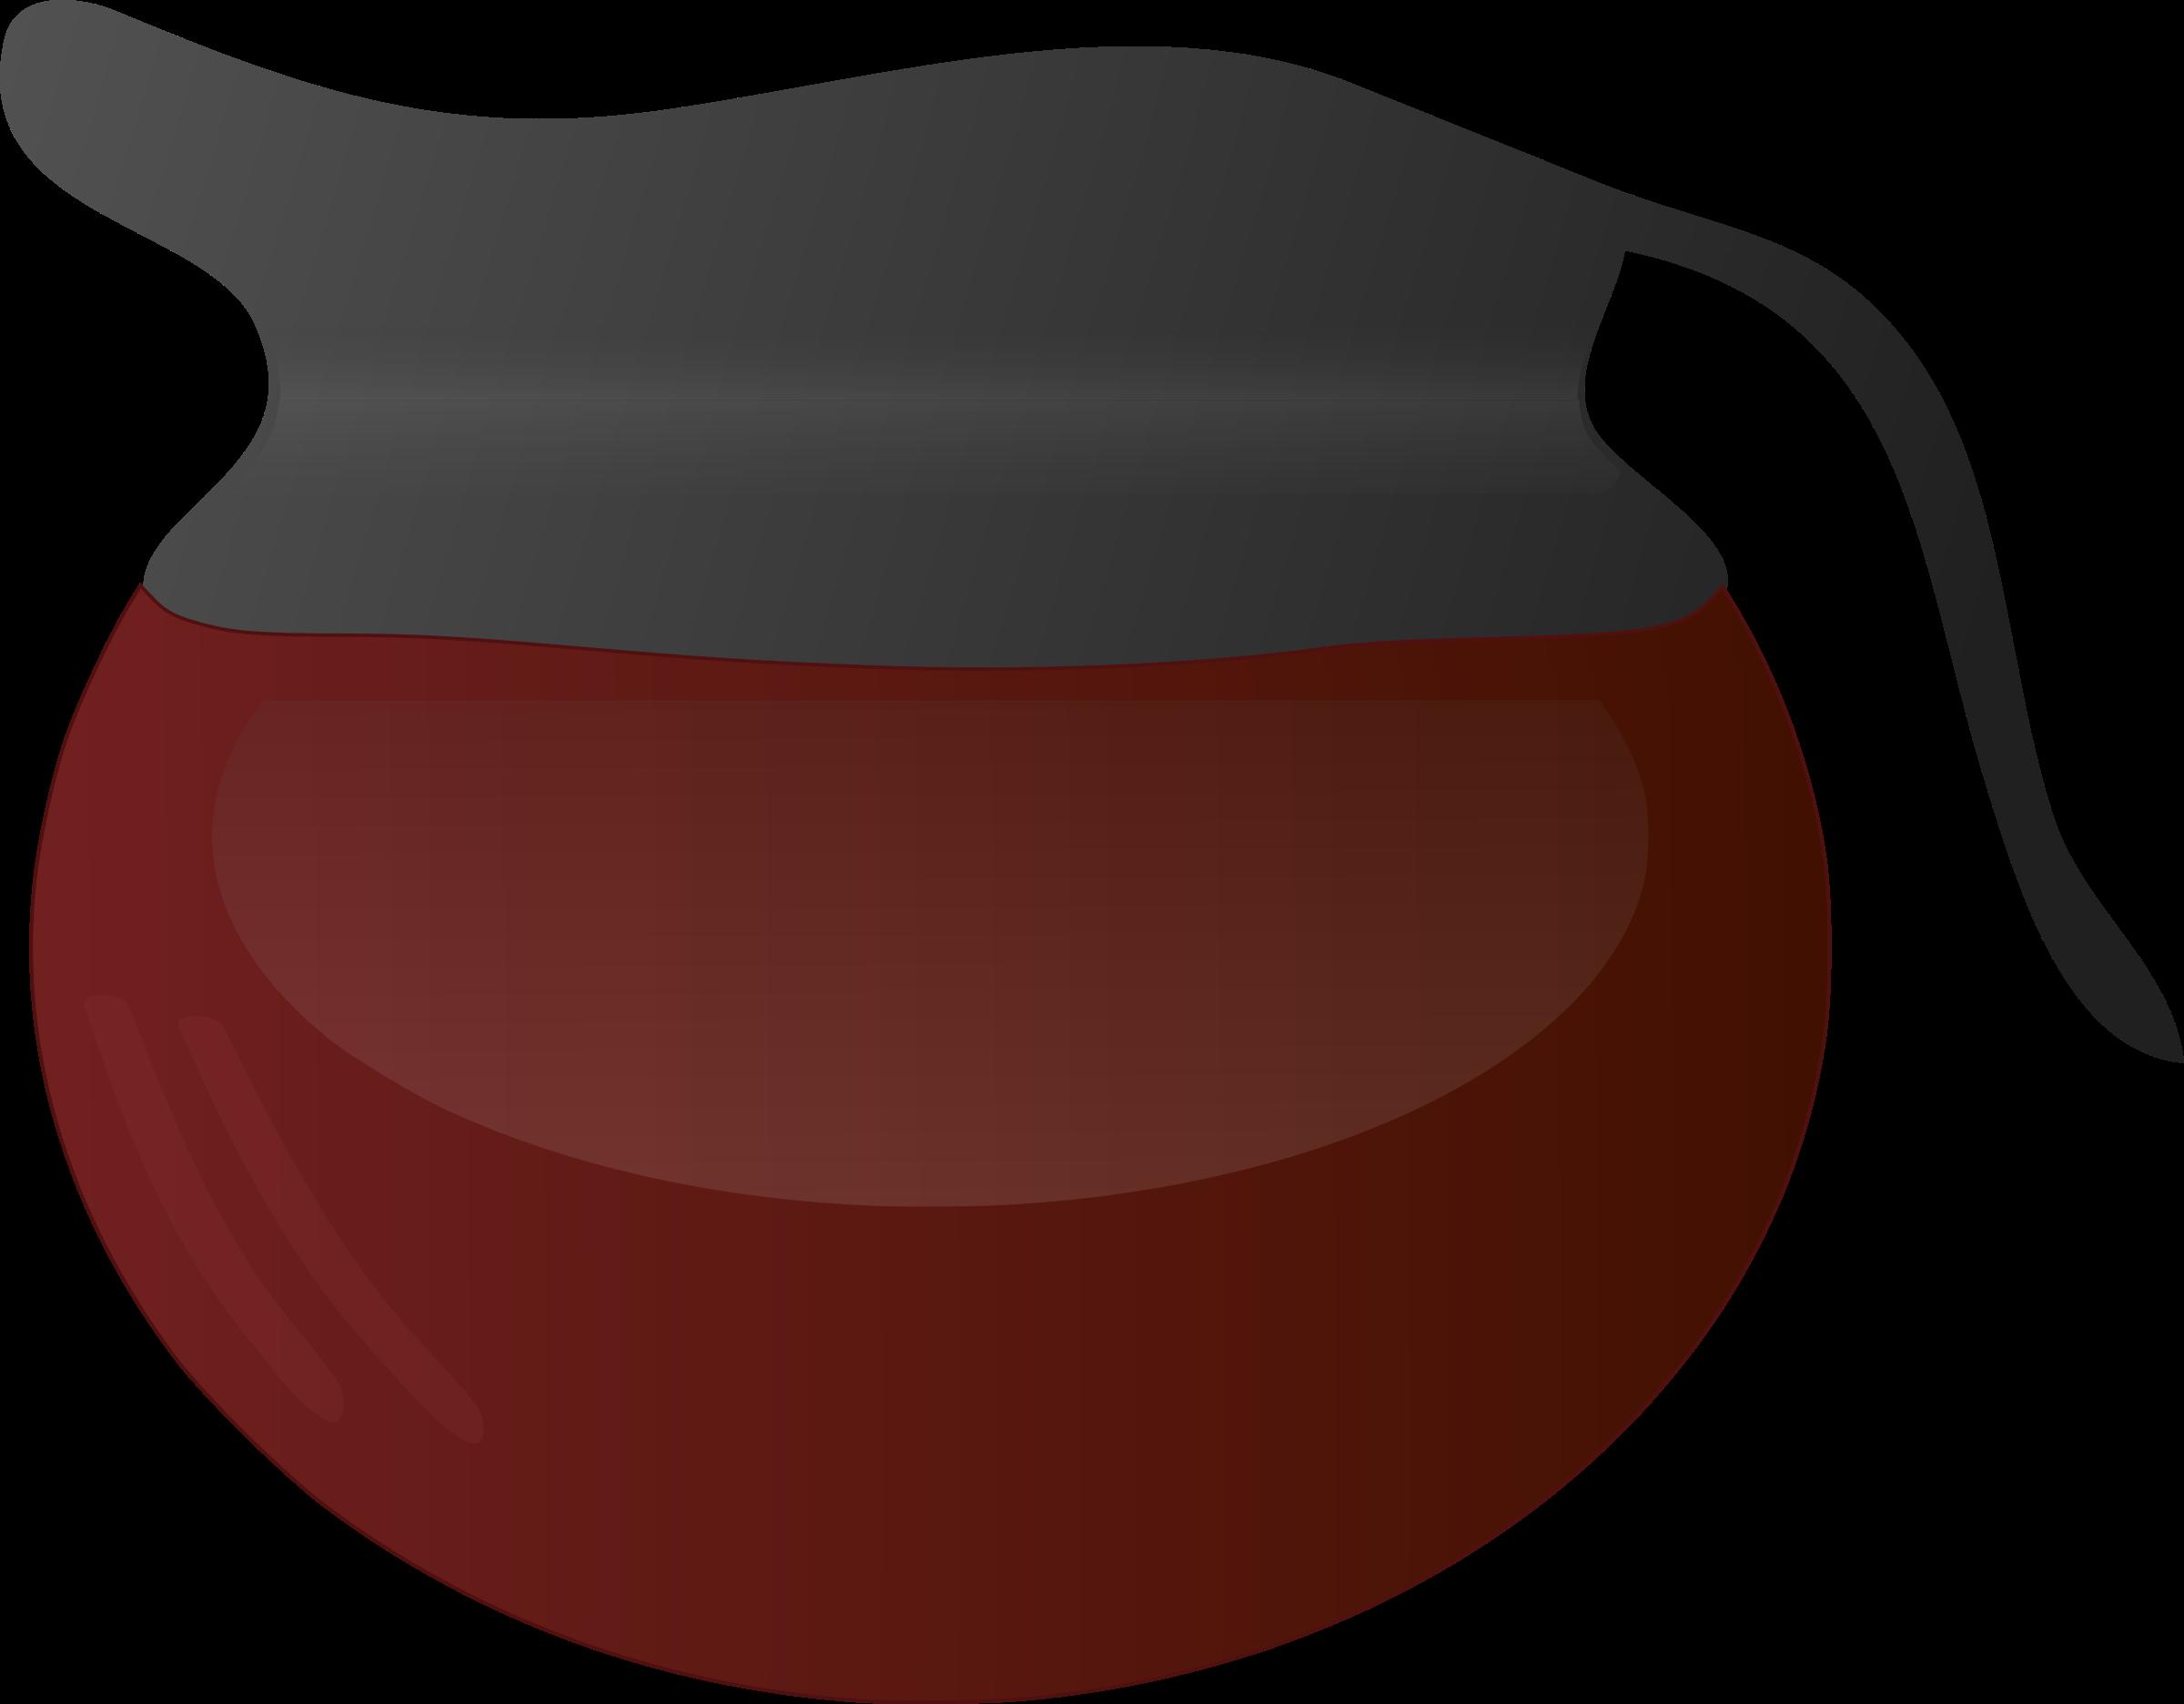 Pot big image png. Clipart coffee liquid